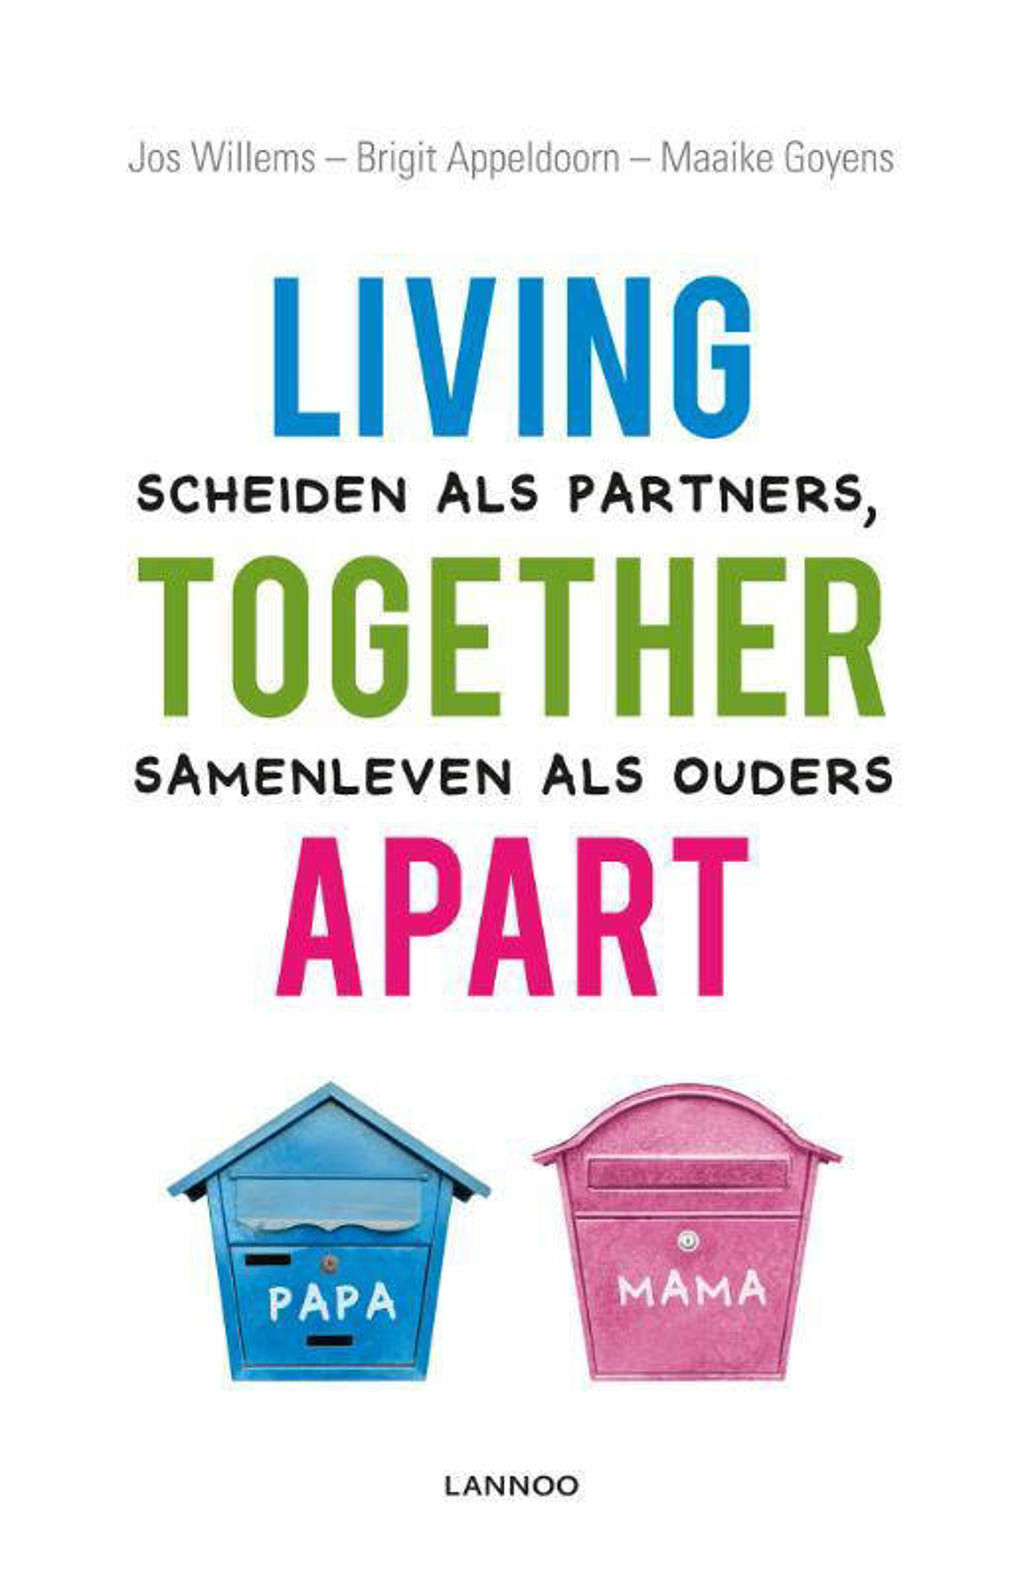 Living together apart - Jos Willems, Brigit Appeldoorn en Maaike Goyens